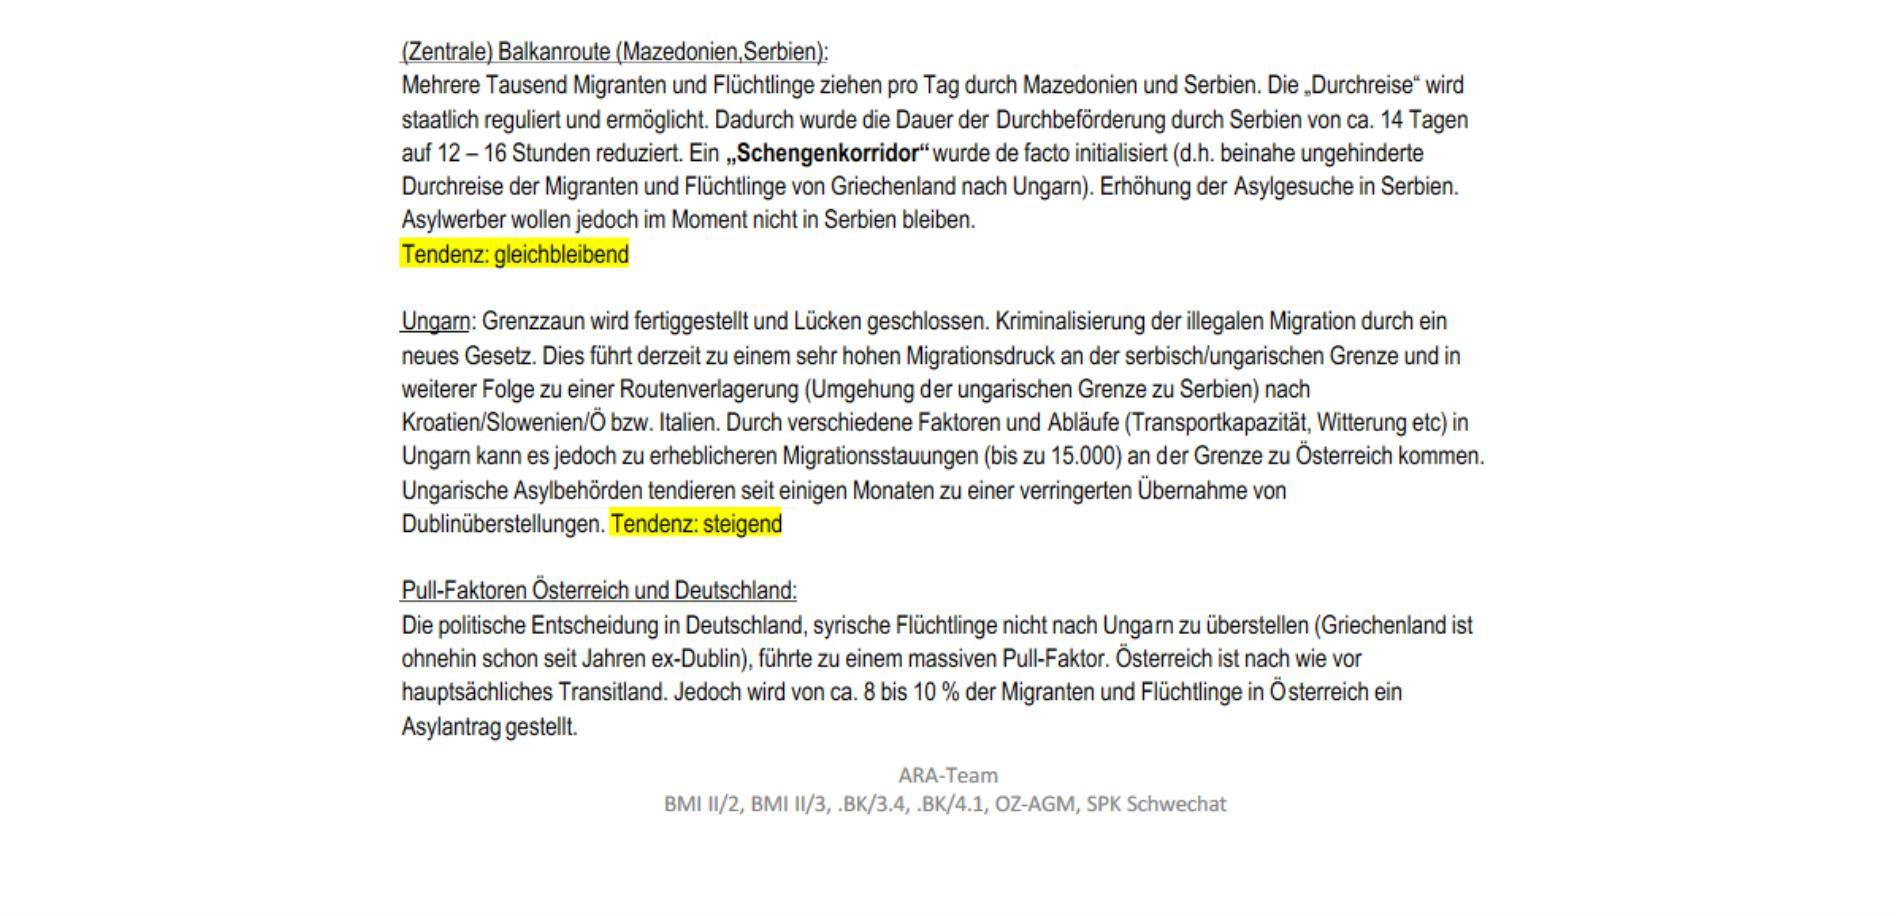 sonderbericht-der-dezeitigen-migrationslage-4.jpg